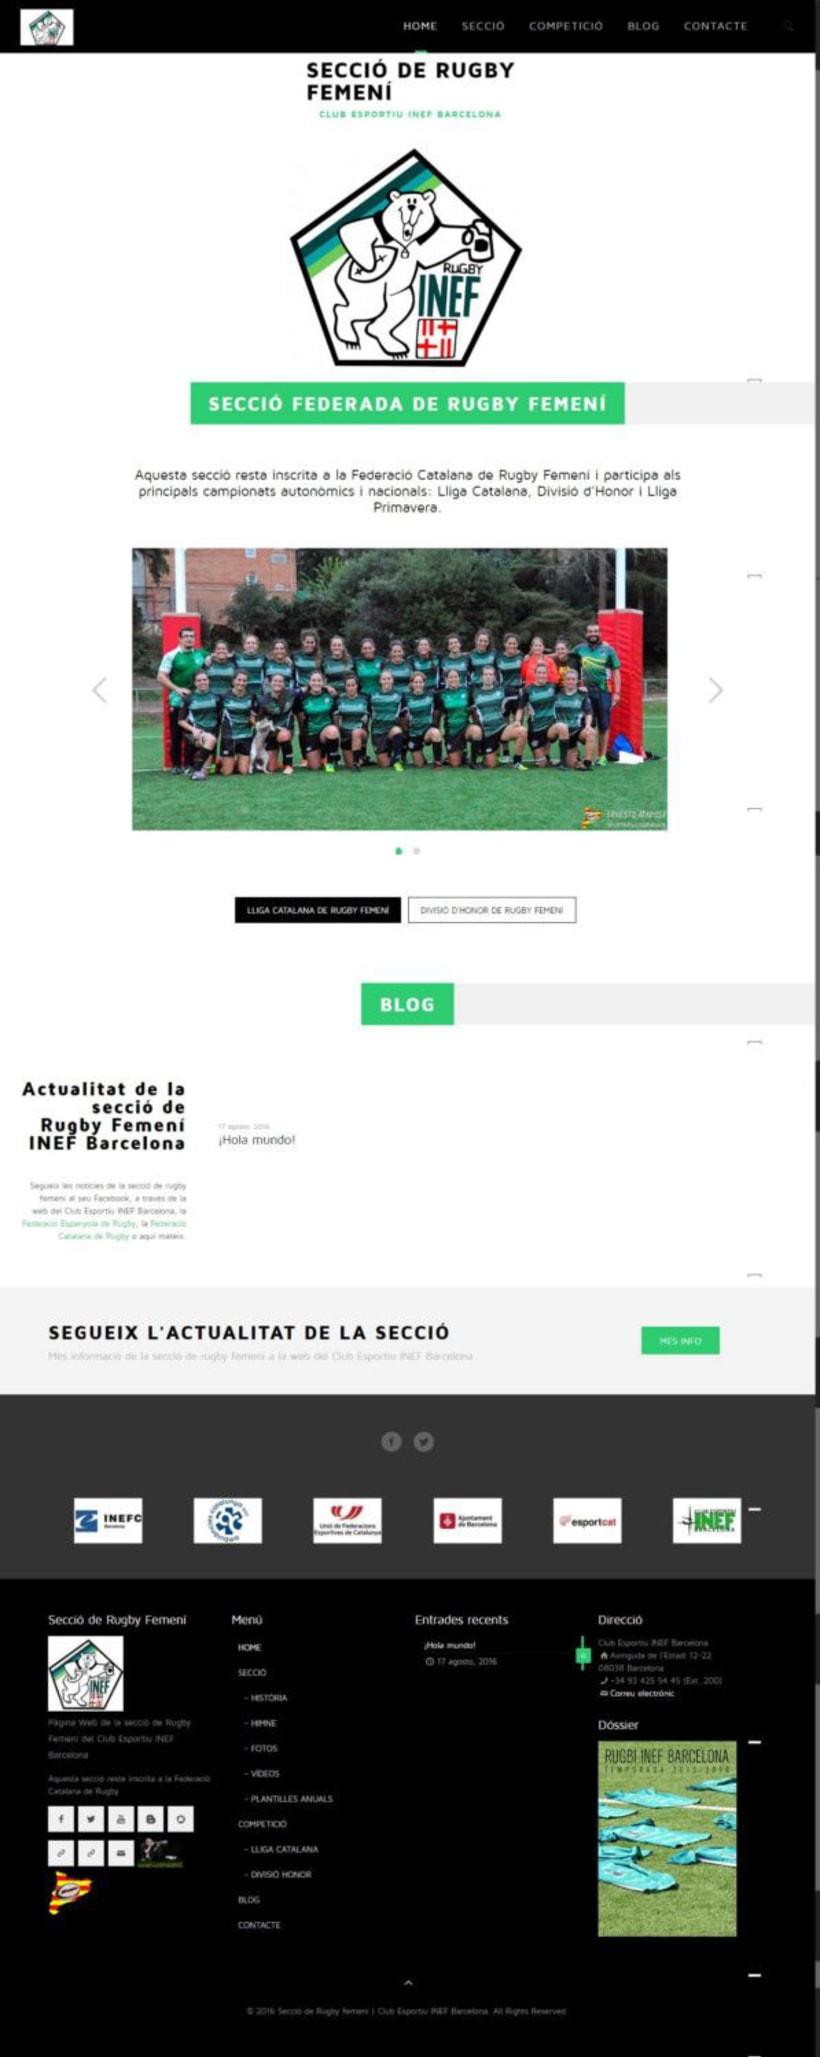 Web de les Seccions del Club Esportiu INEF Barcelona - 2016 4